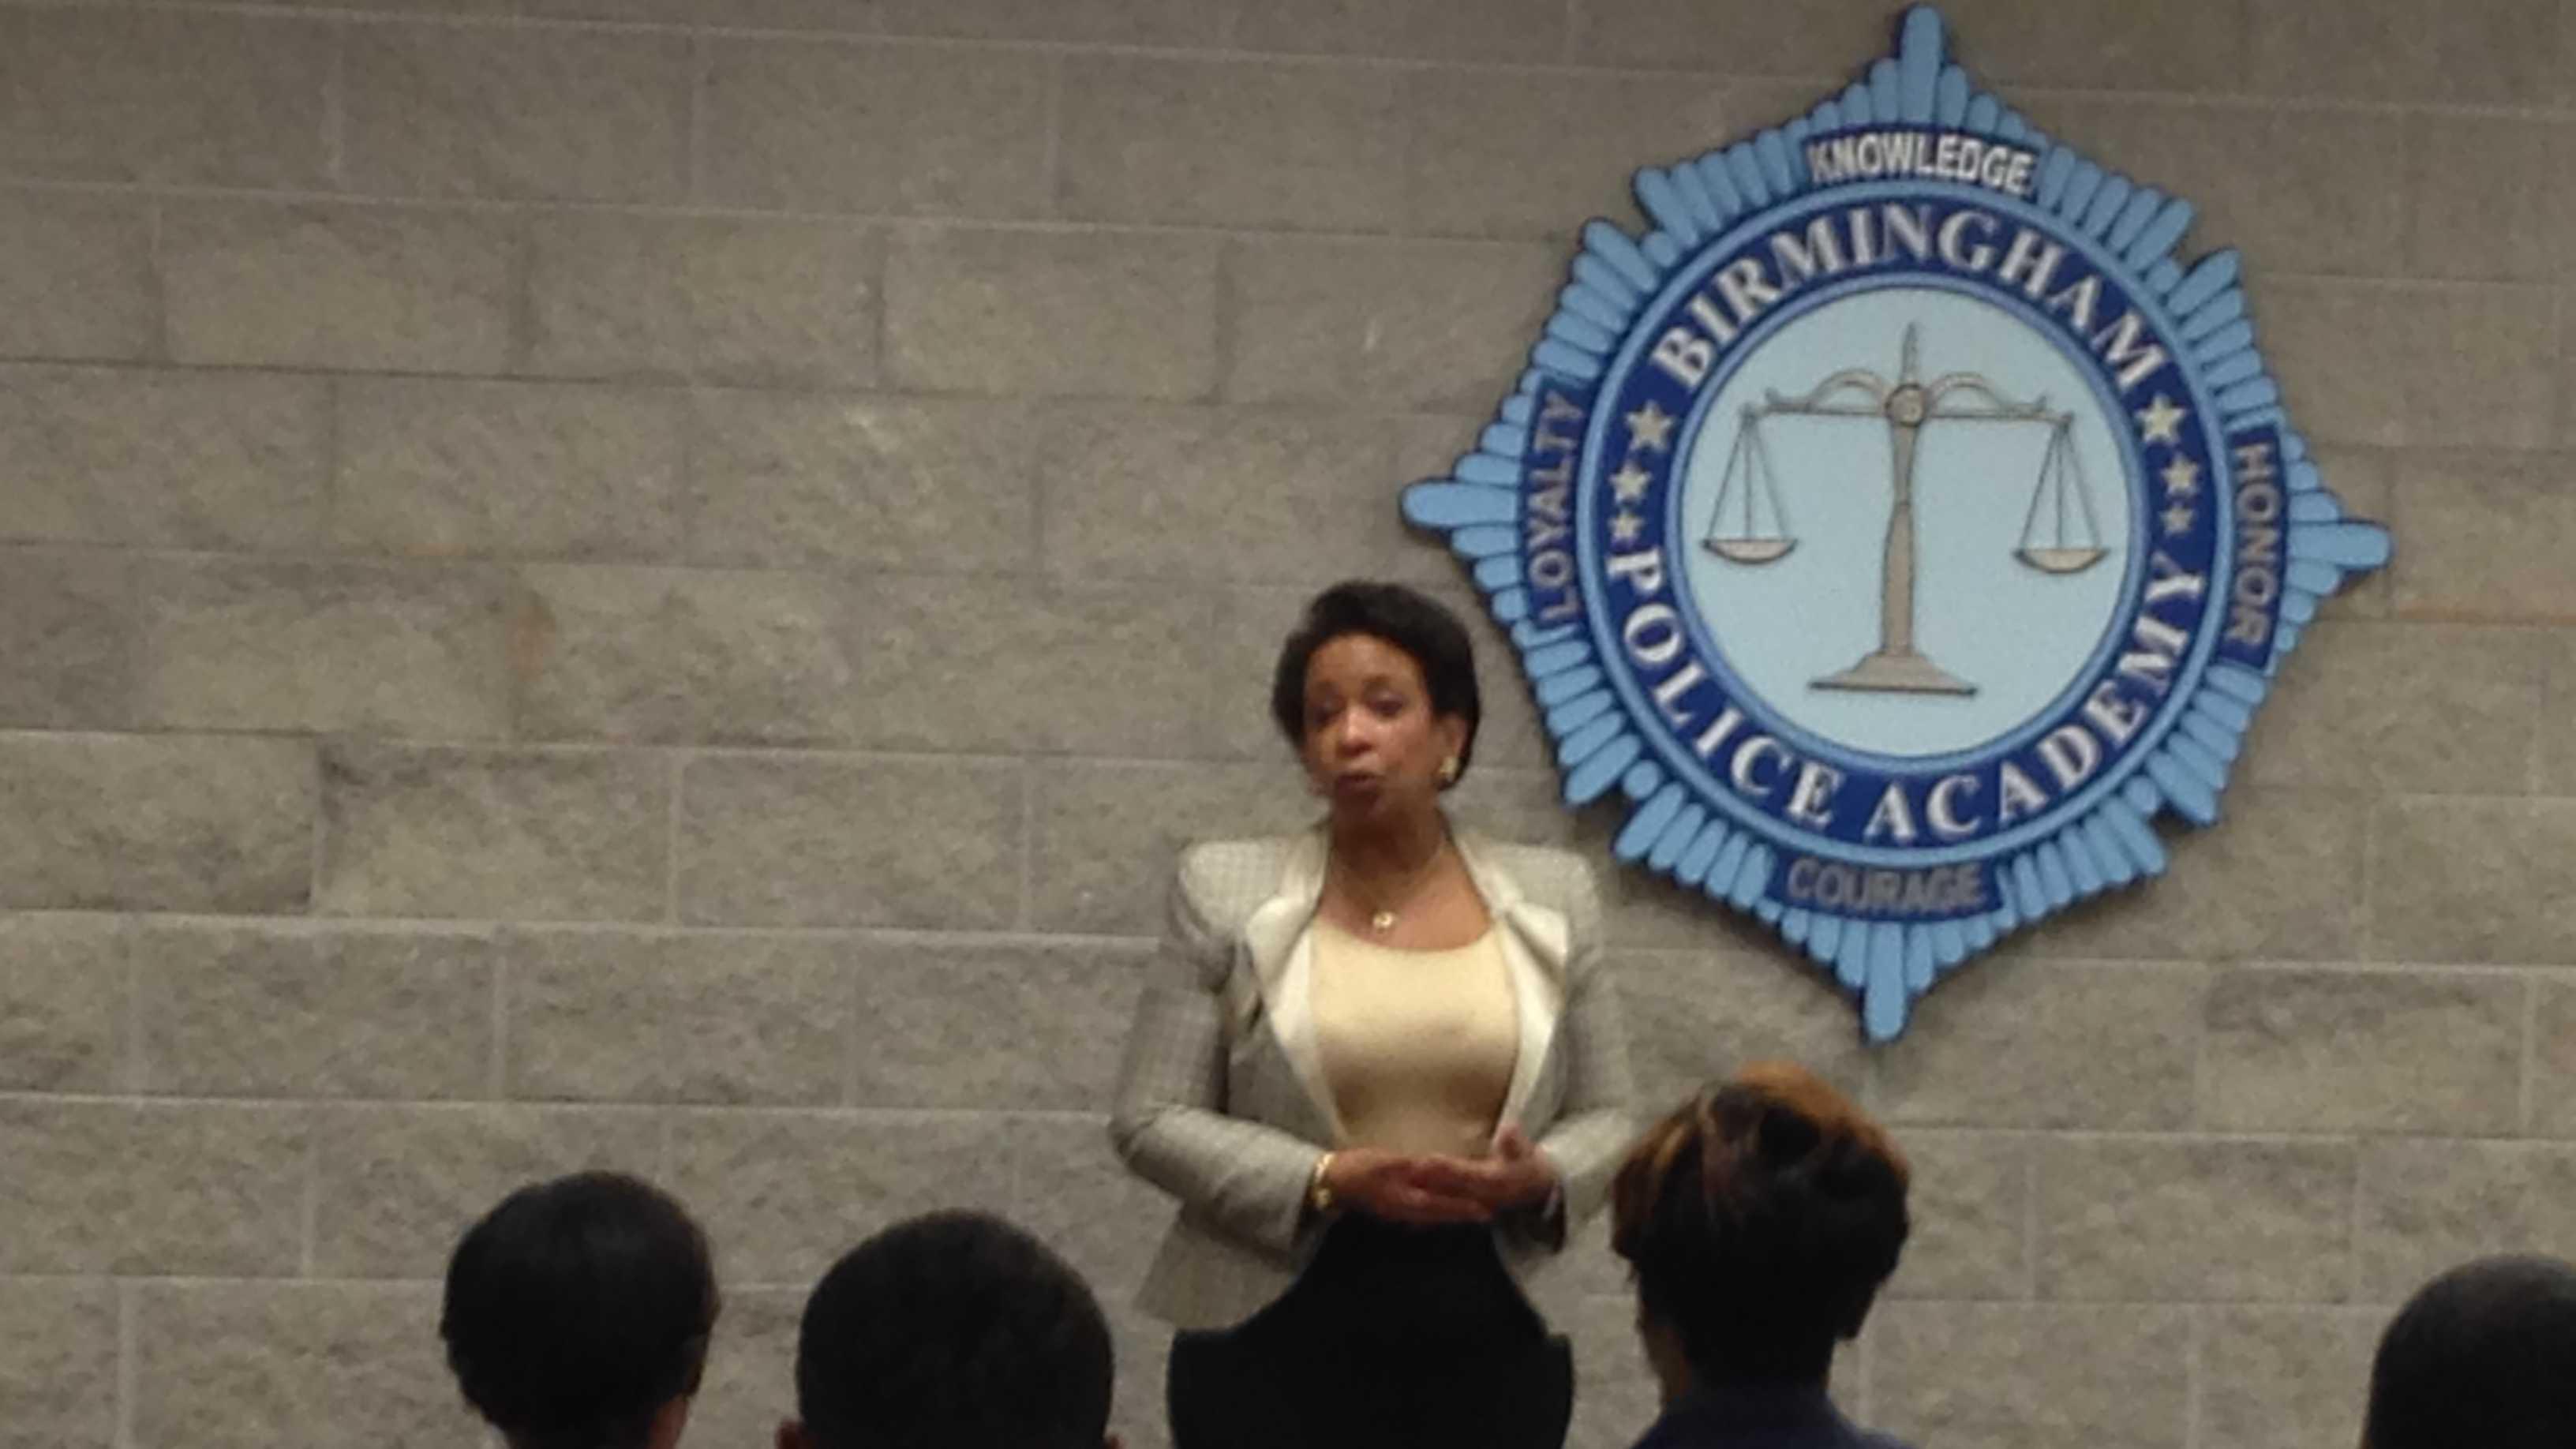 U.S. Attorney General Loretta Lynch addresses the Birmingham Police Academy on June 24, 2015.